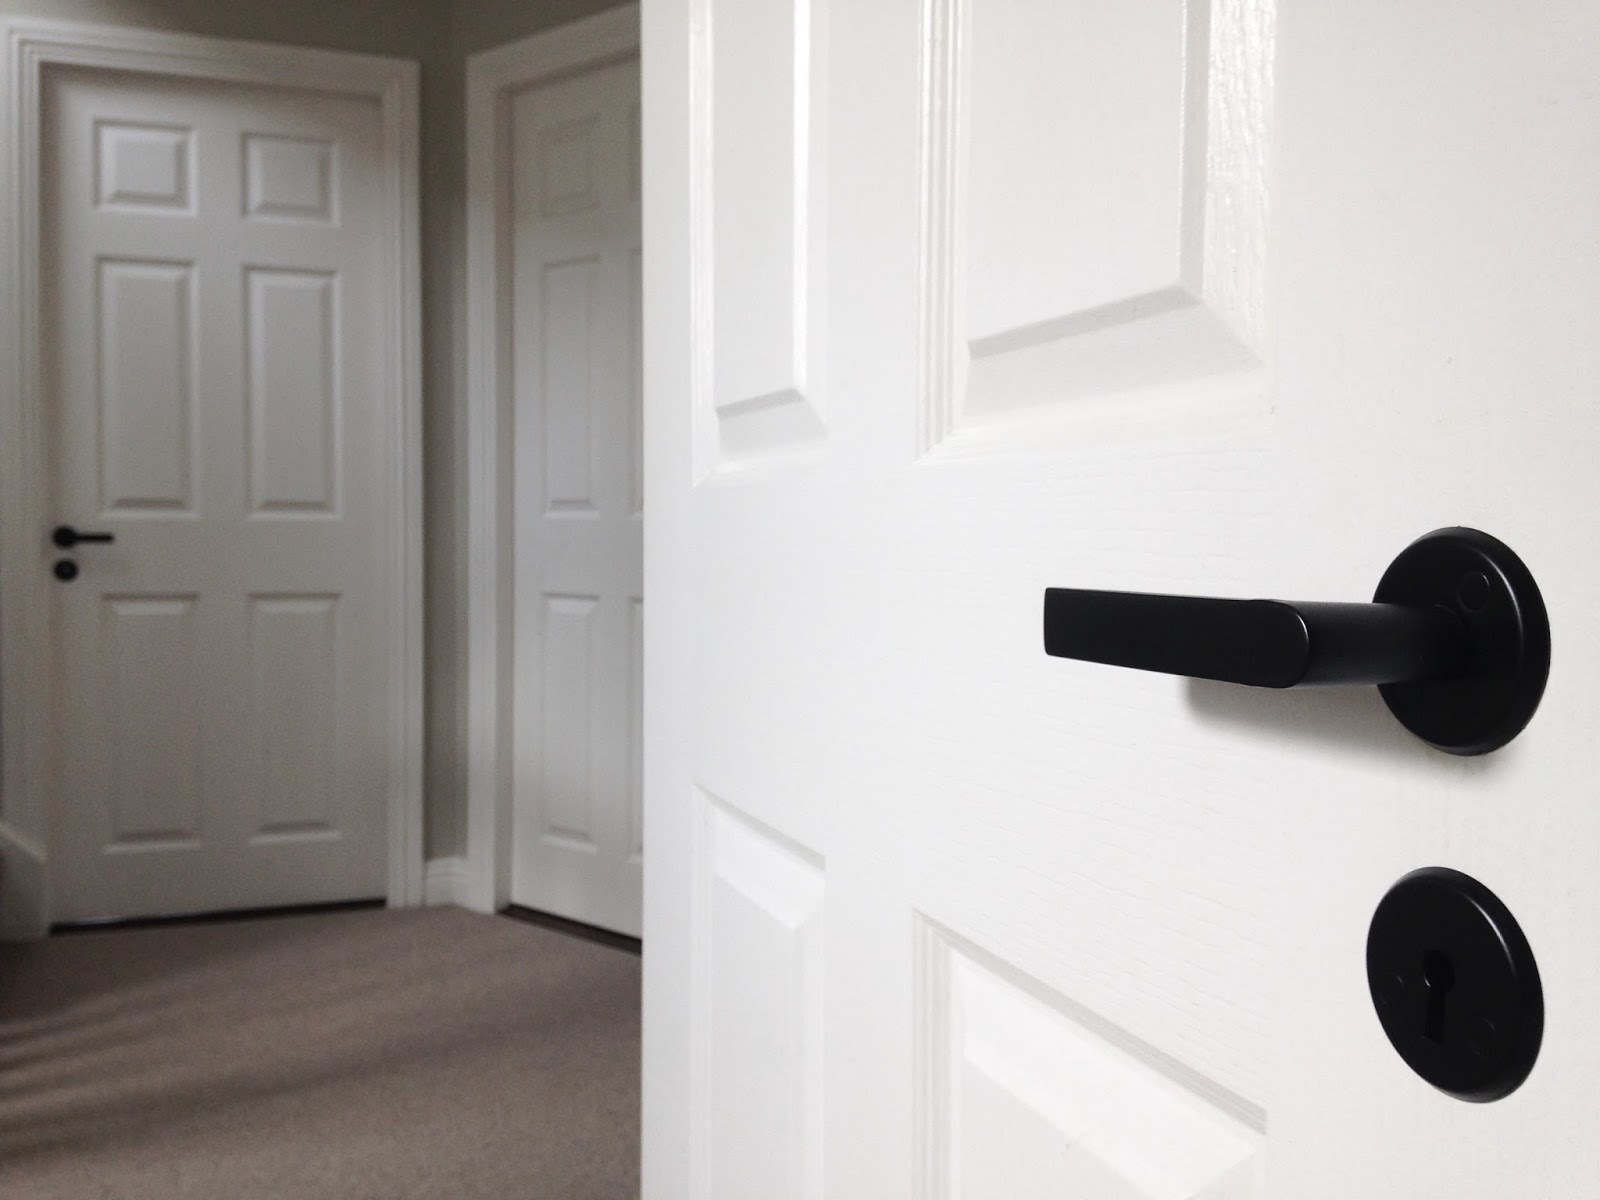 Handles Doors Victorian Chrome Door Handles Sc 1 St Howdens Joinery